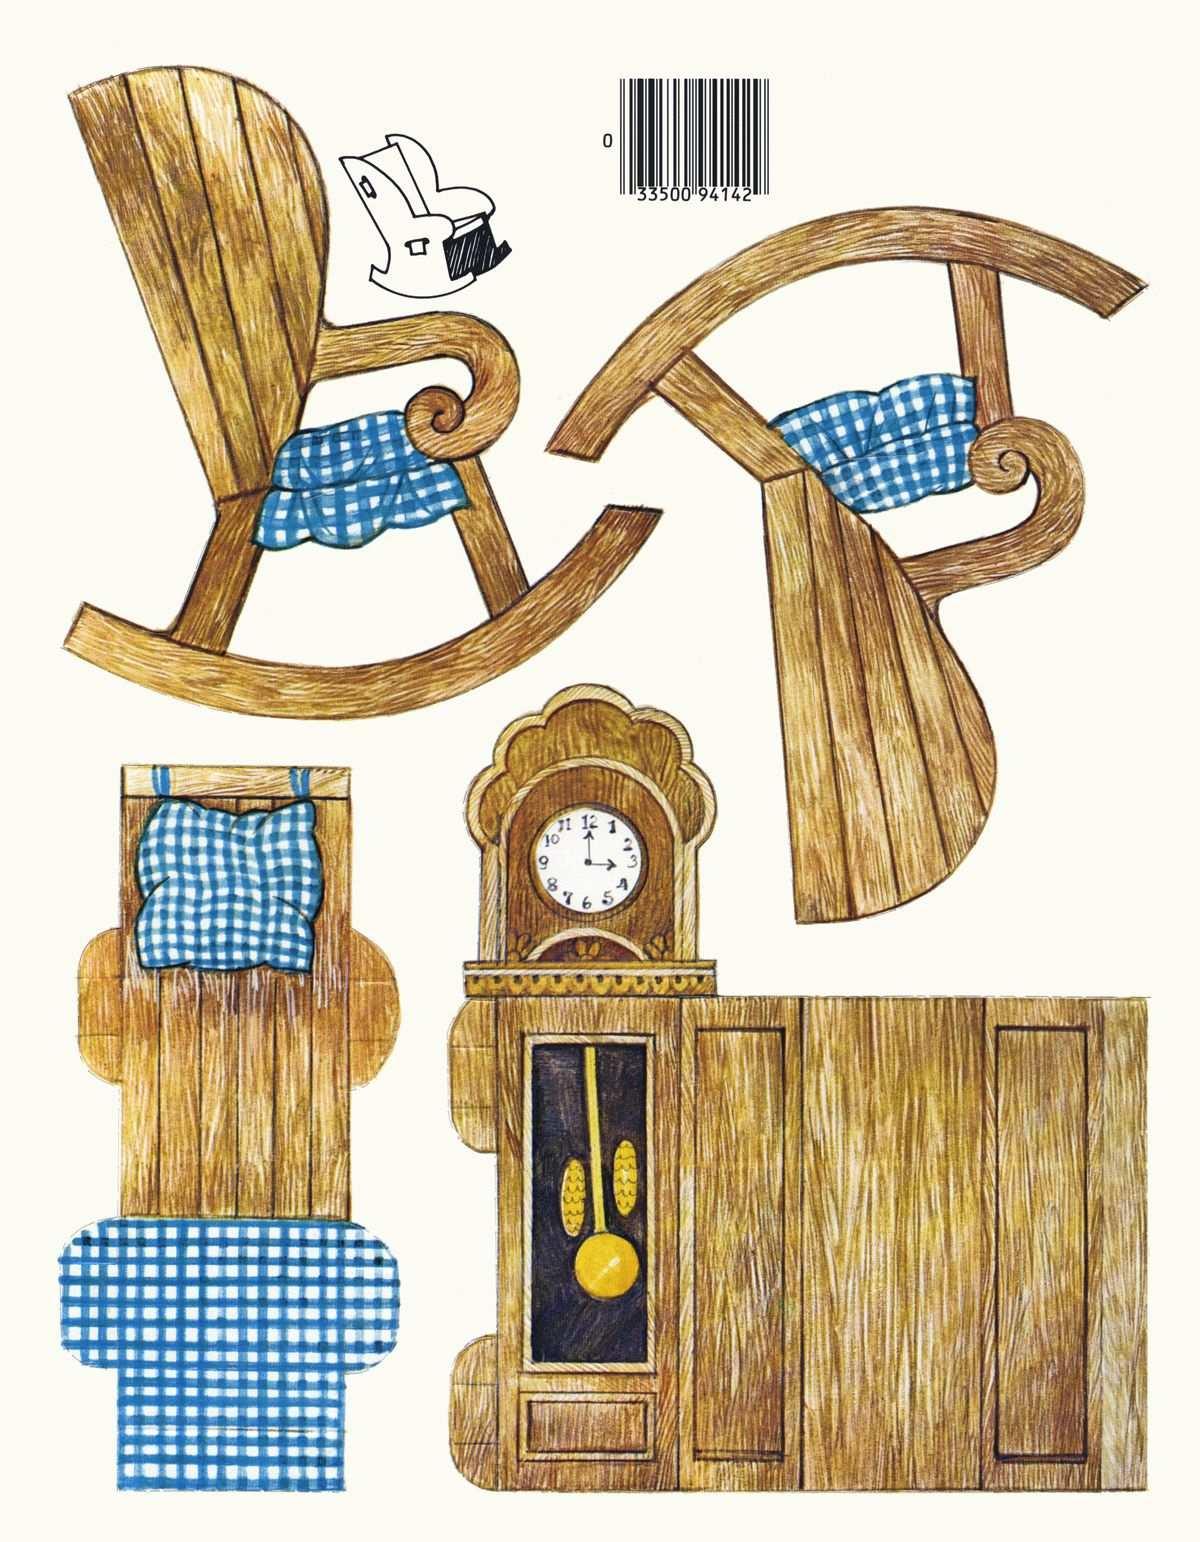 Grandmother S Rocking Chair Puppenmobel Papierpuppen Kinder Basteln Vorlagen